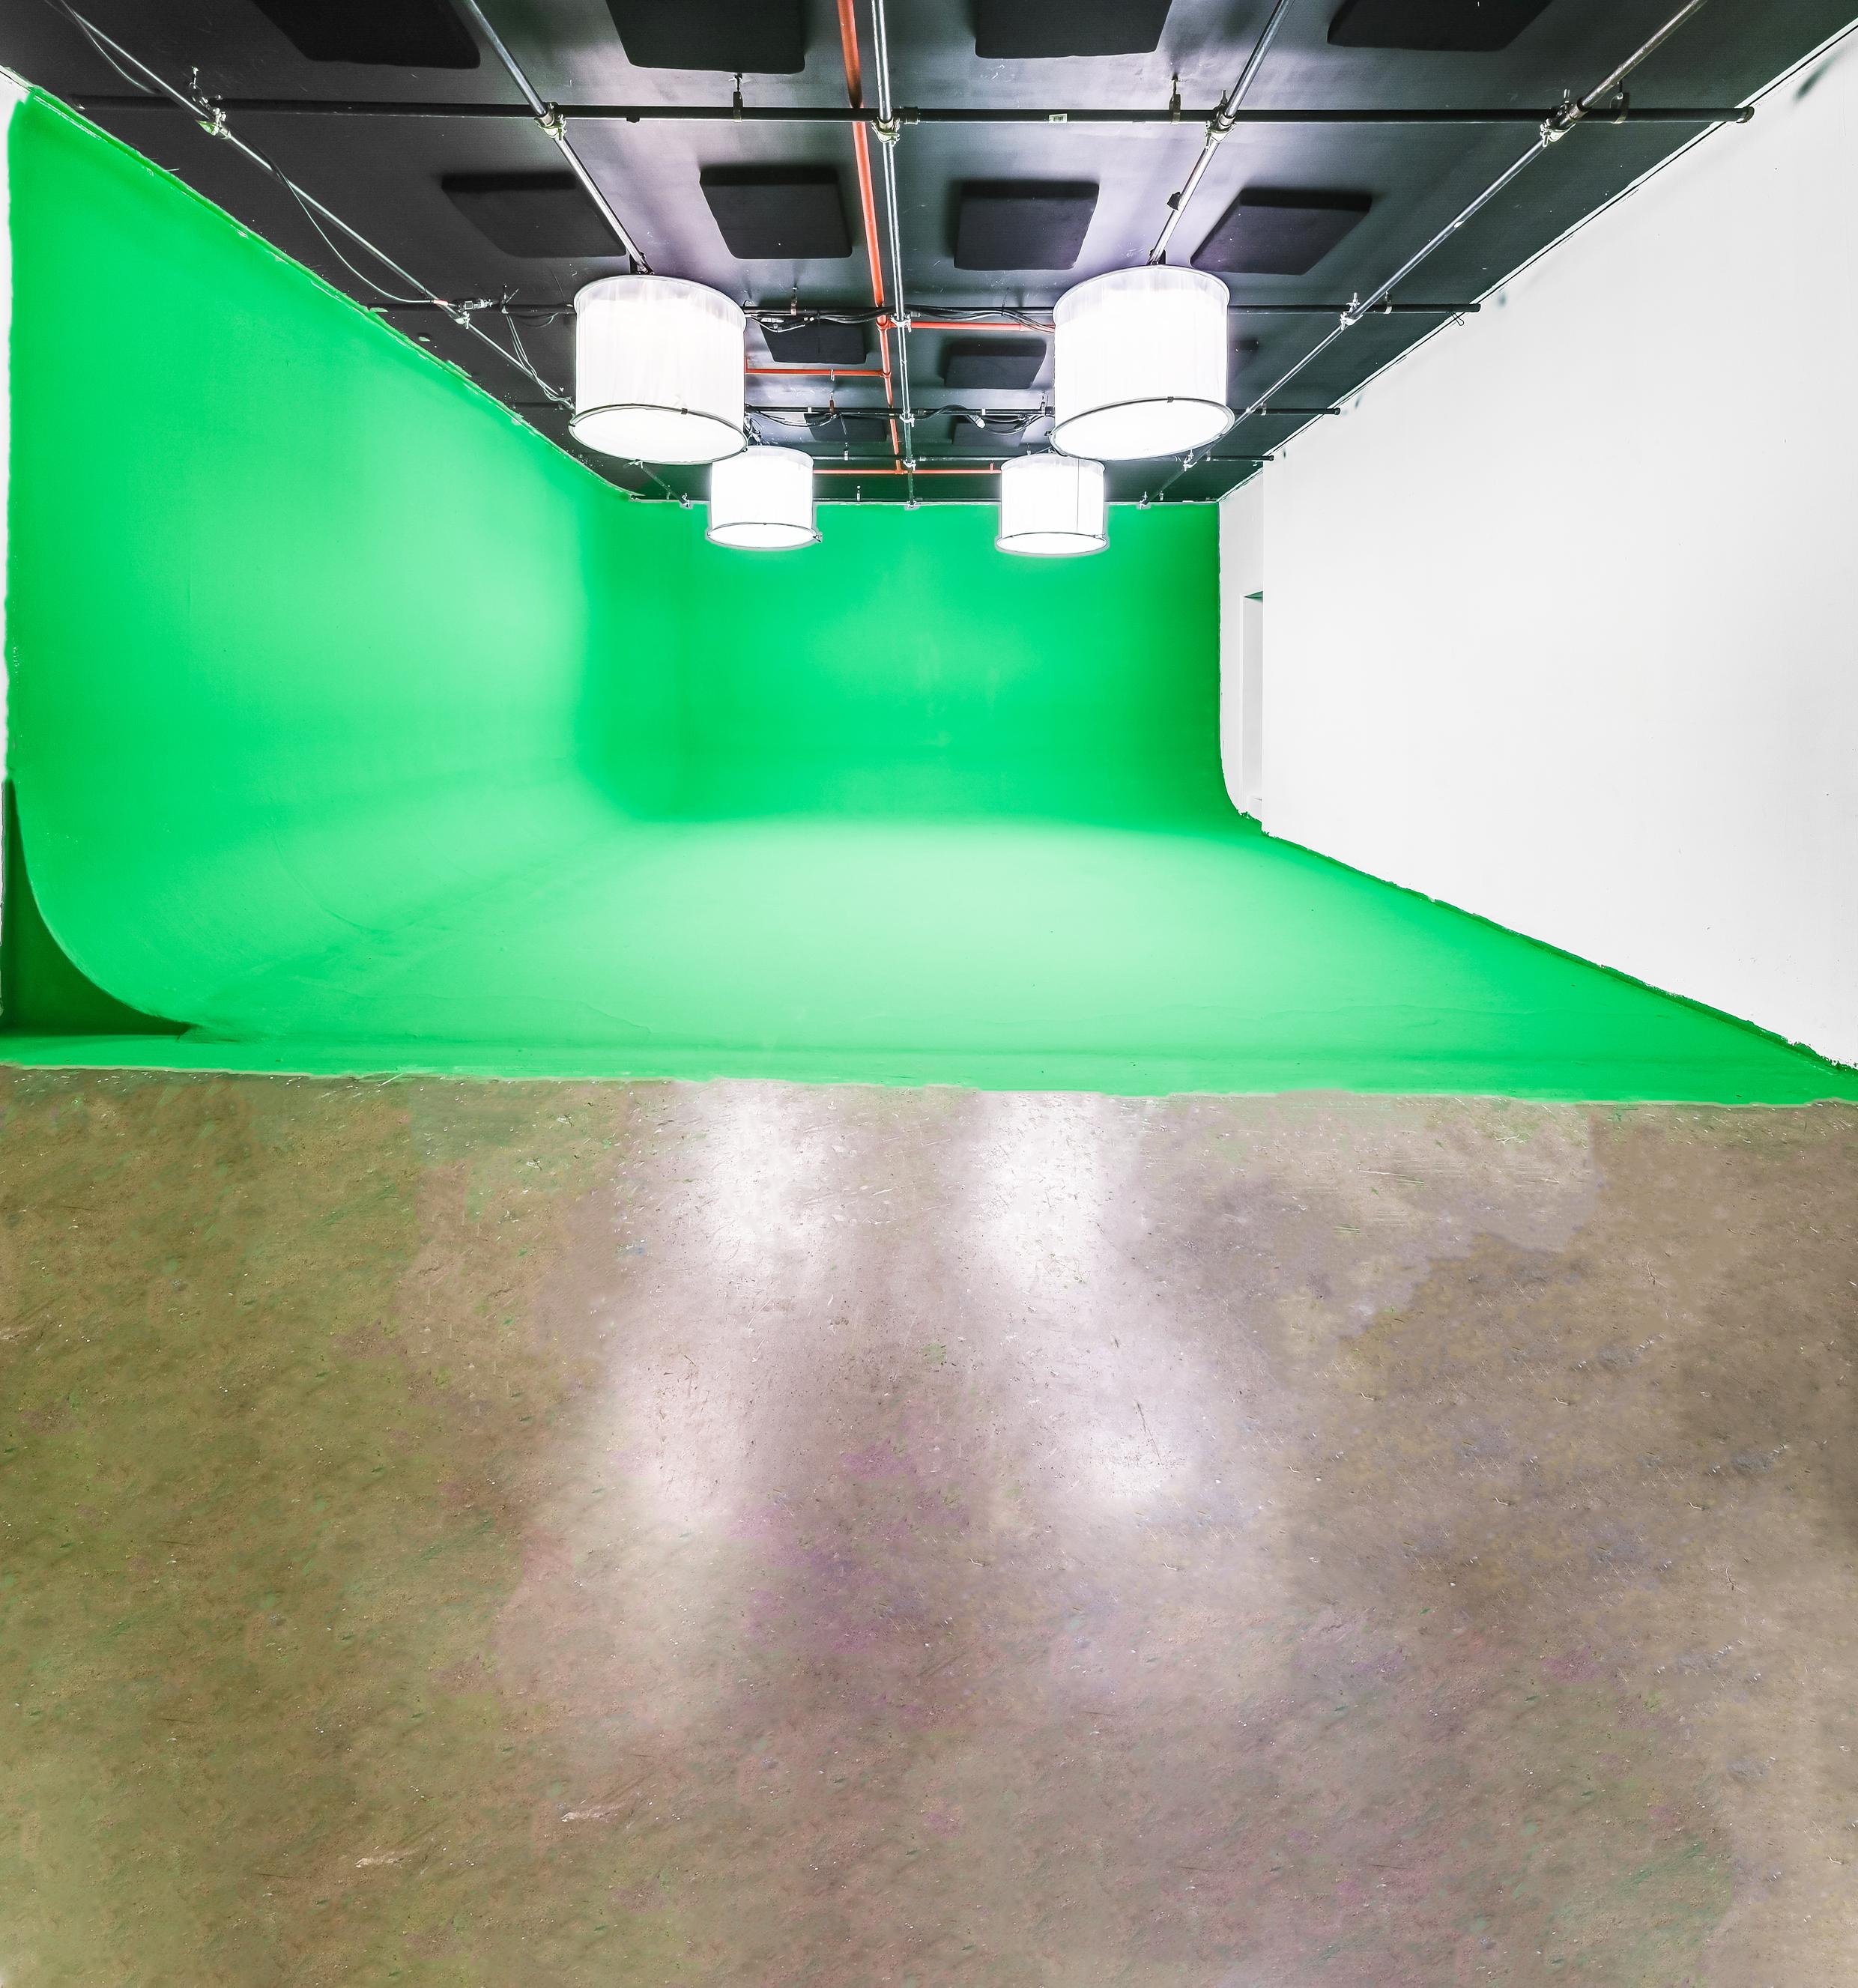 演播室4设施:4500平方英尺演播室:1420平方英尺